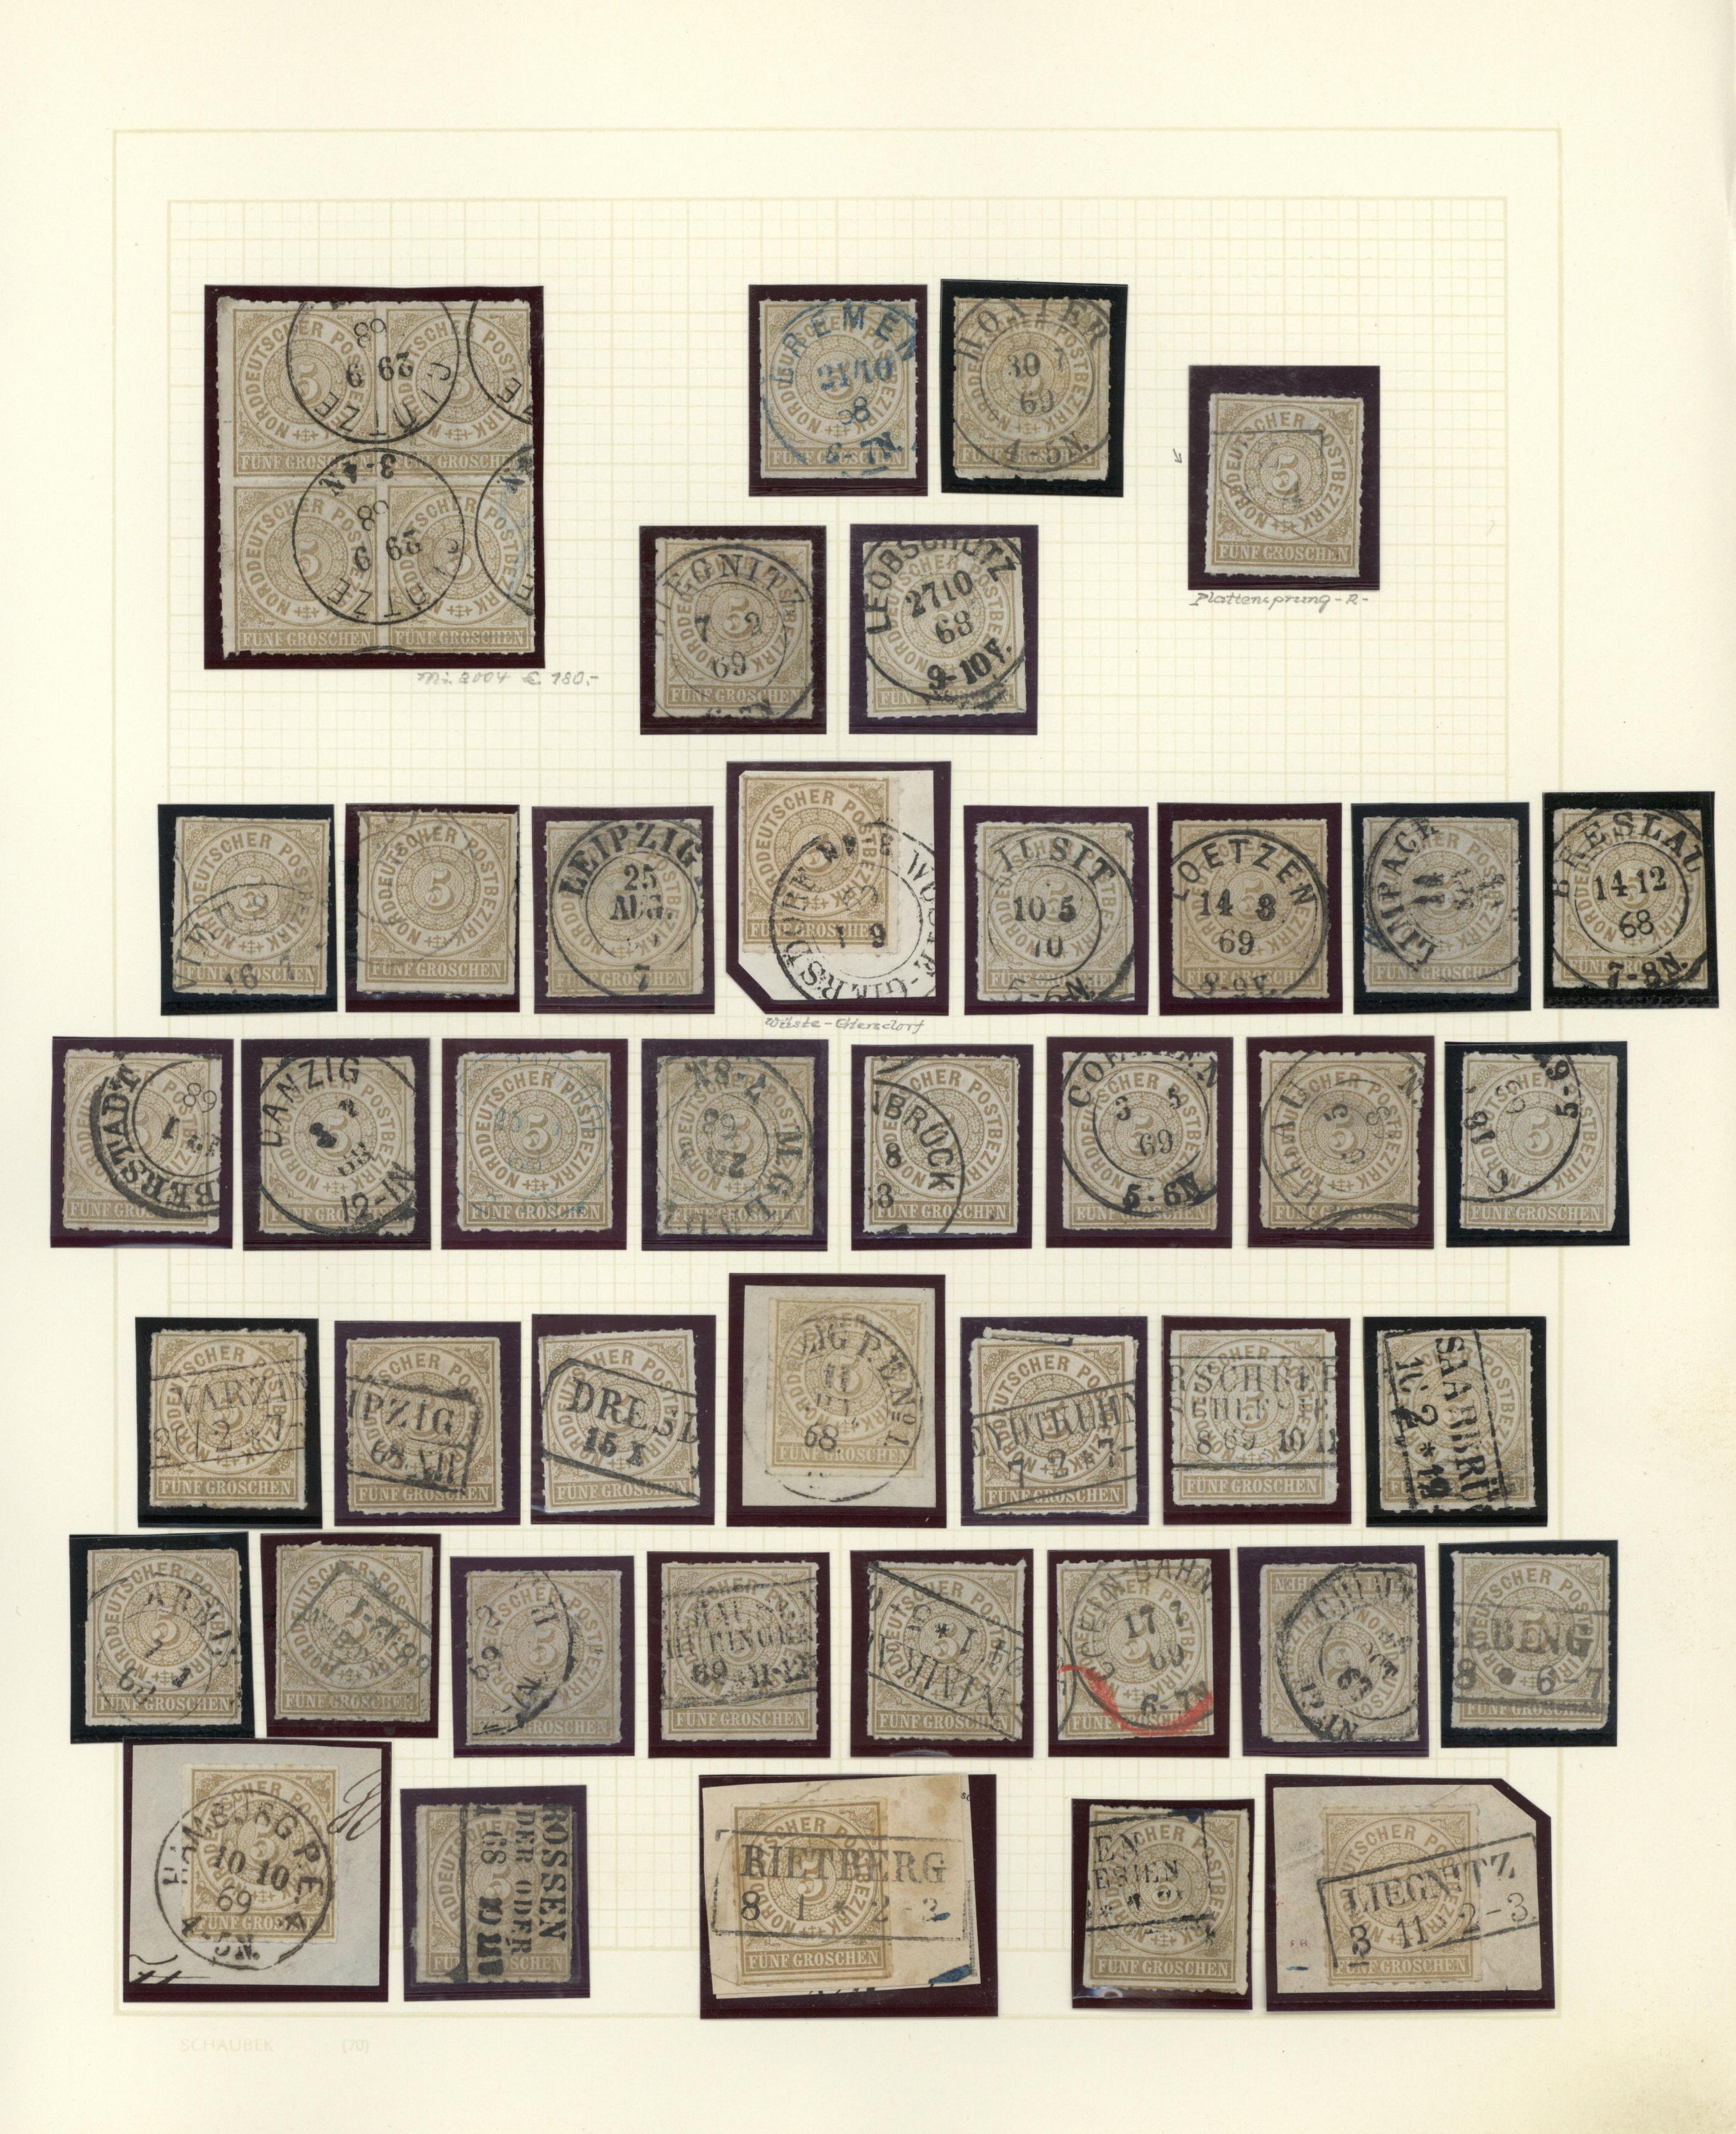 Lot 36595 - Norddeutscher Bund - Marken und Briefe  -  Auktionshaus Christoph Gärtner GmbH & Co. KG Collections Germany,  Collections Supplement, Surprise boxes #39 Day 7